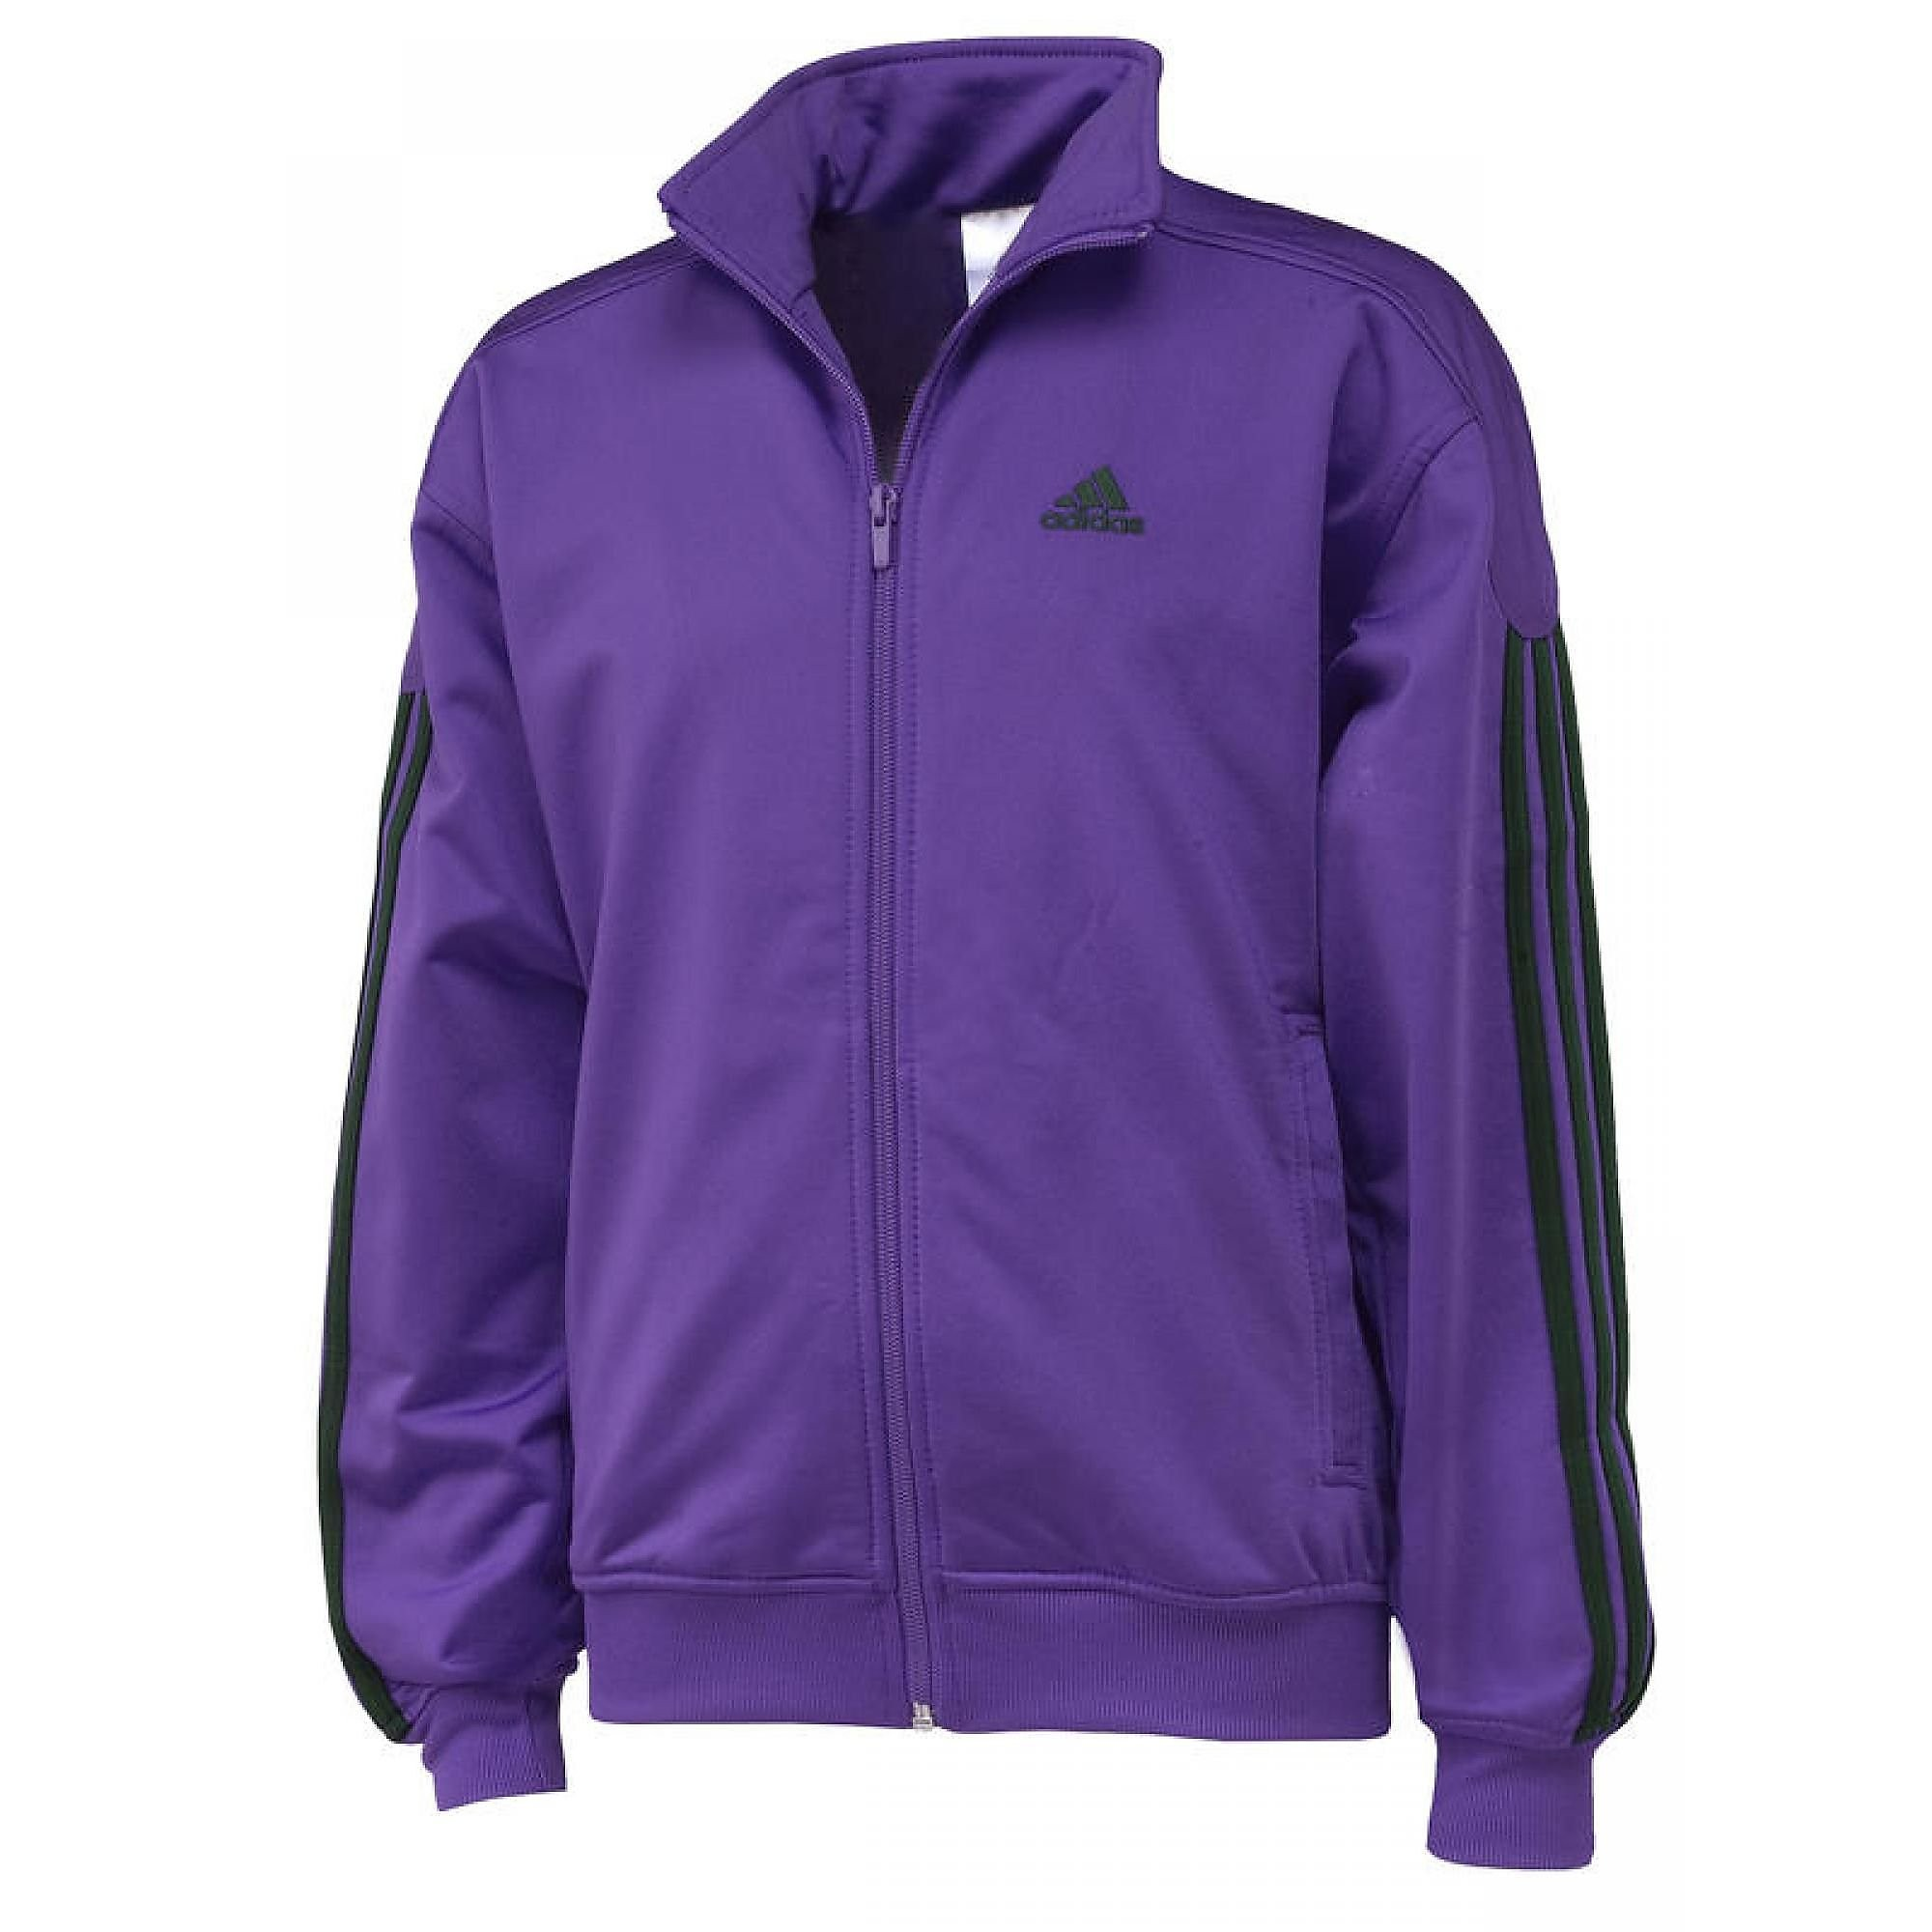 adidas moon track jacket